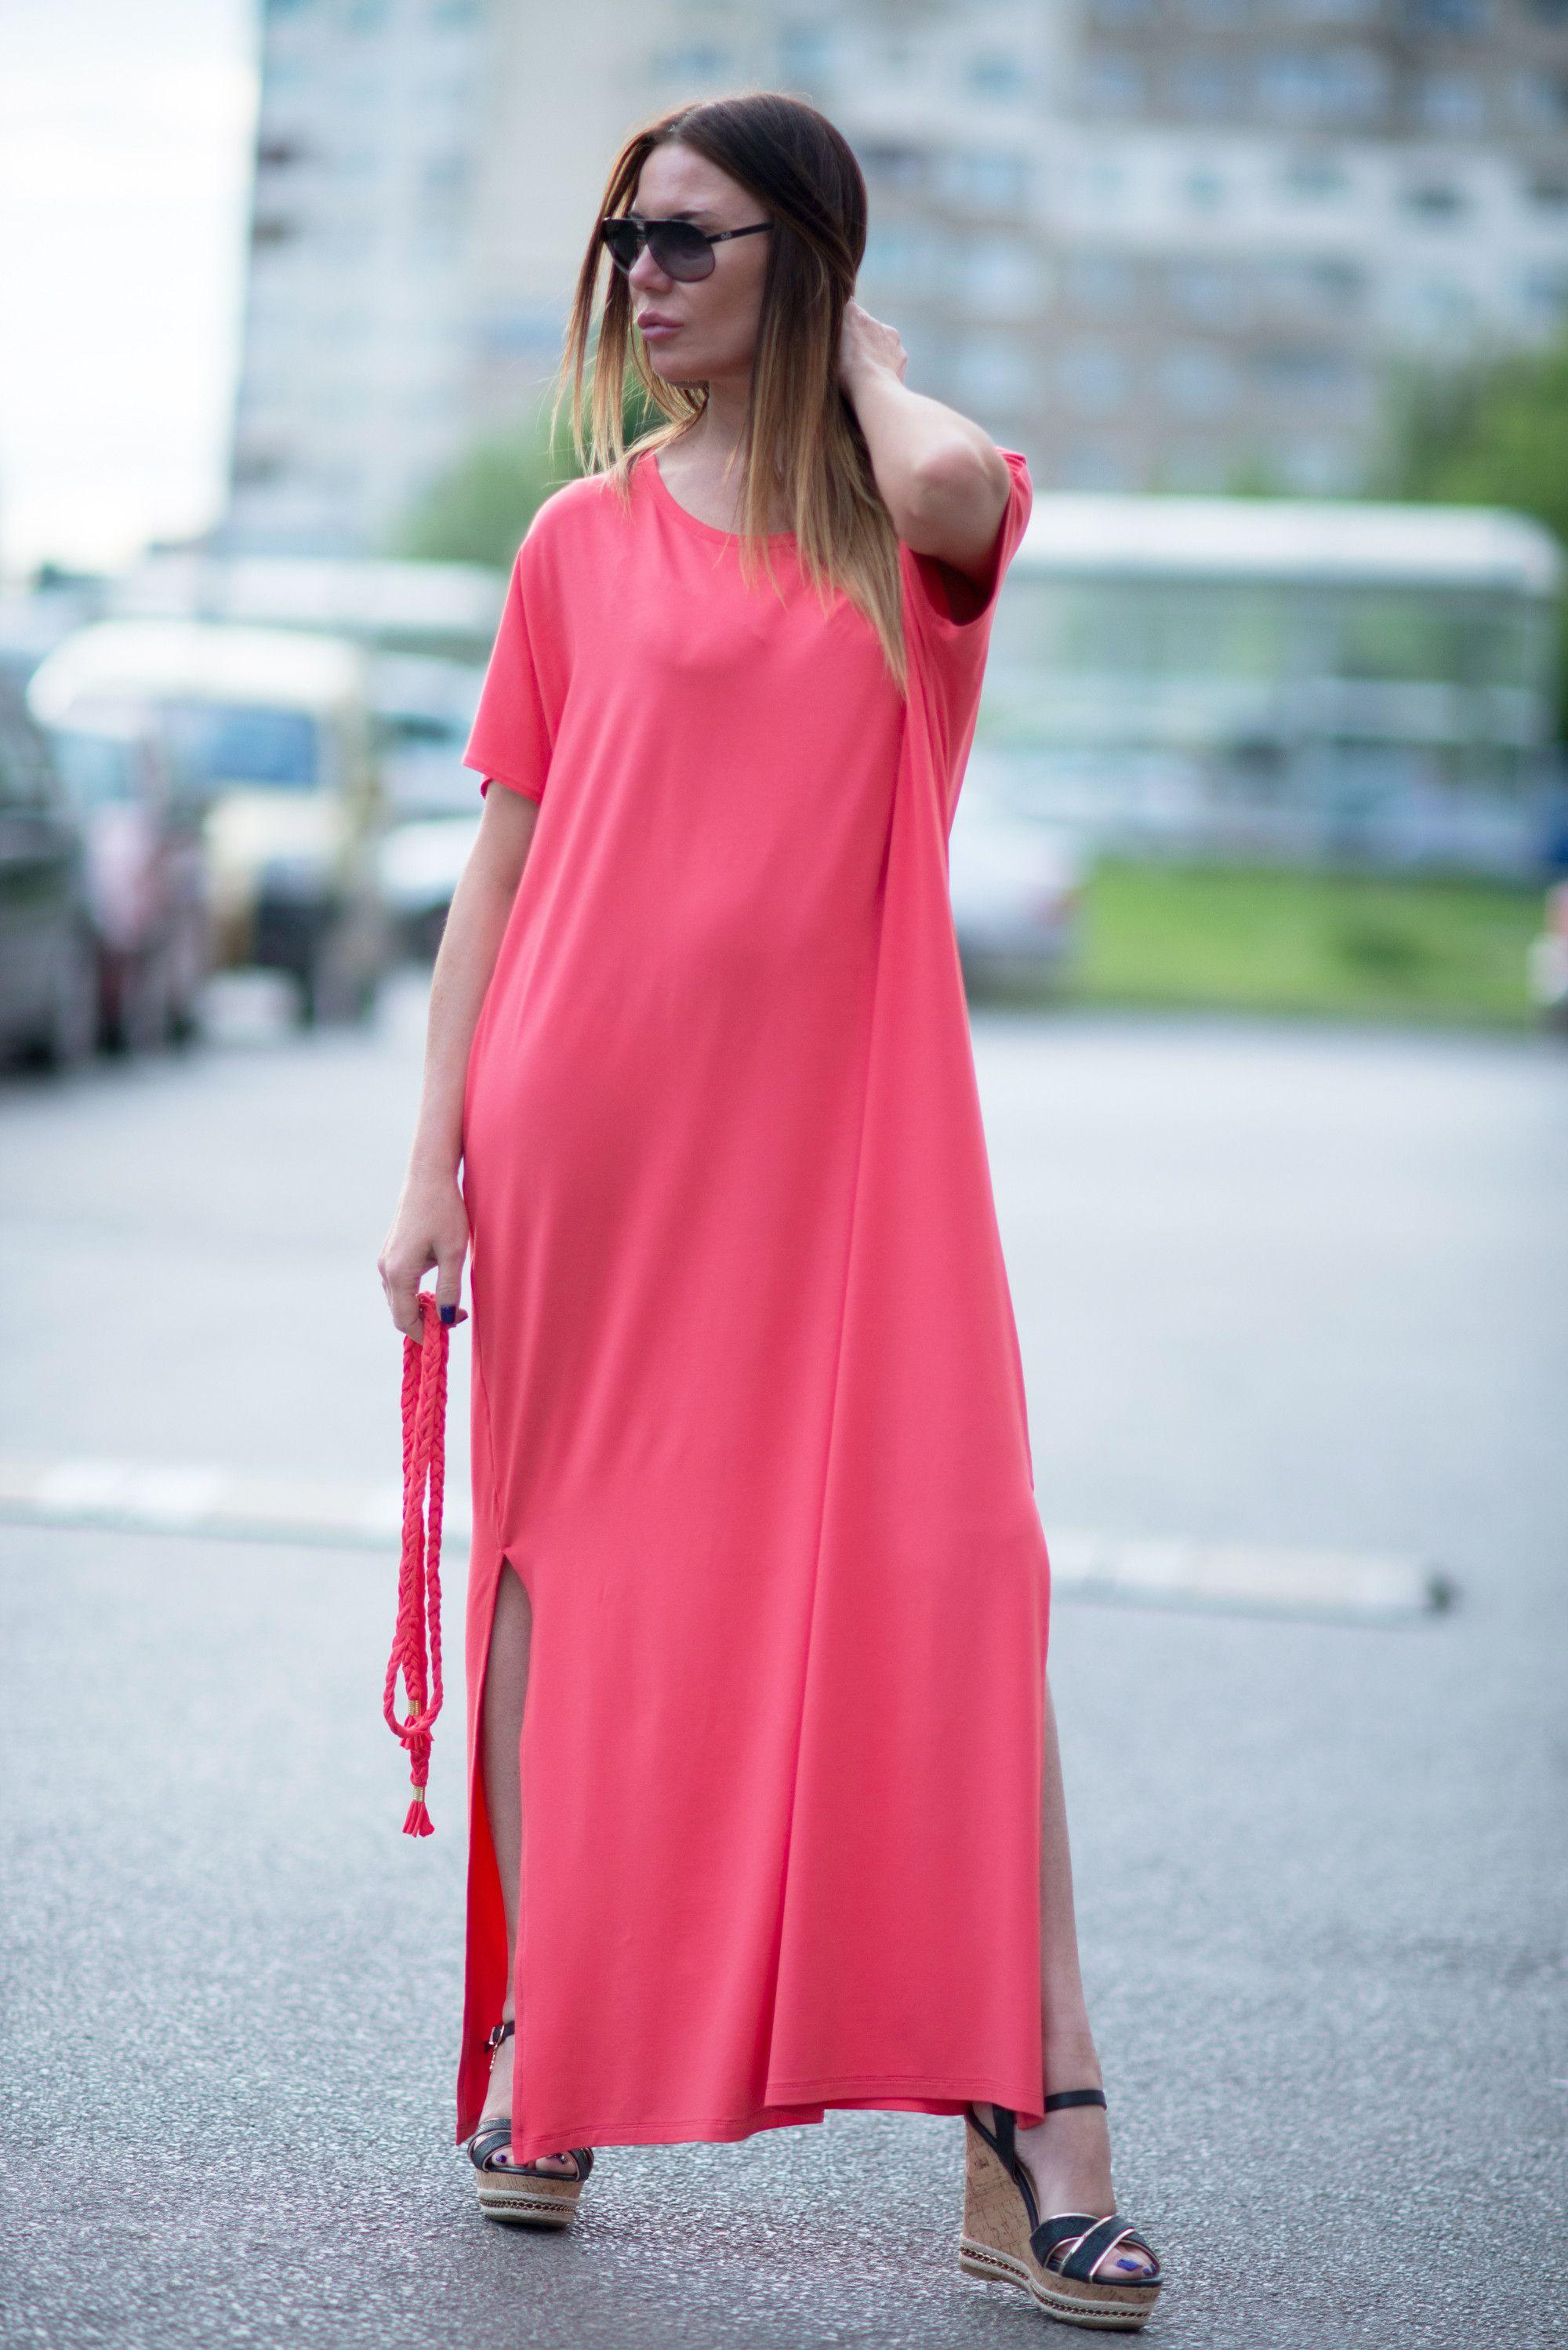 Ziemlich Brautkleid Cowgirlstiefel Bilder - Hochzeit Kleid Stile ...